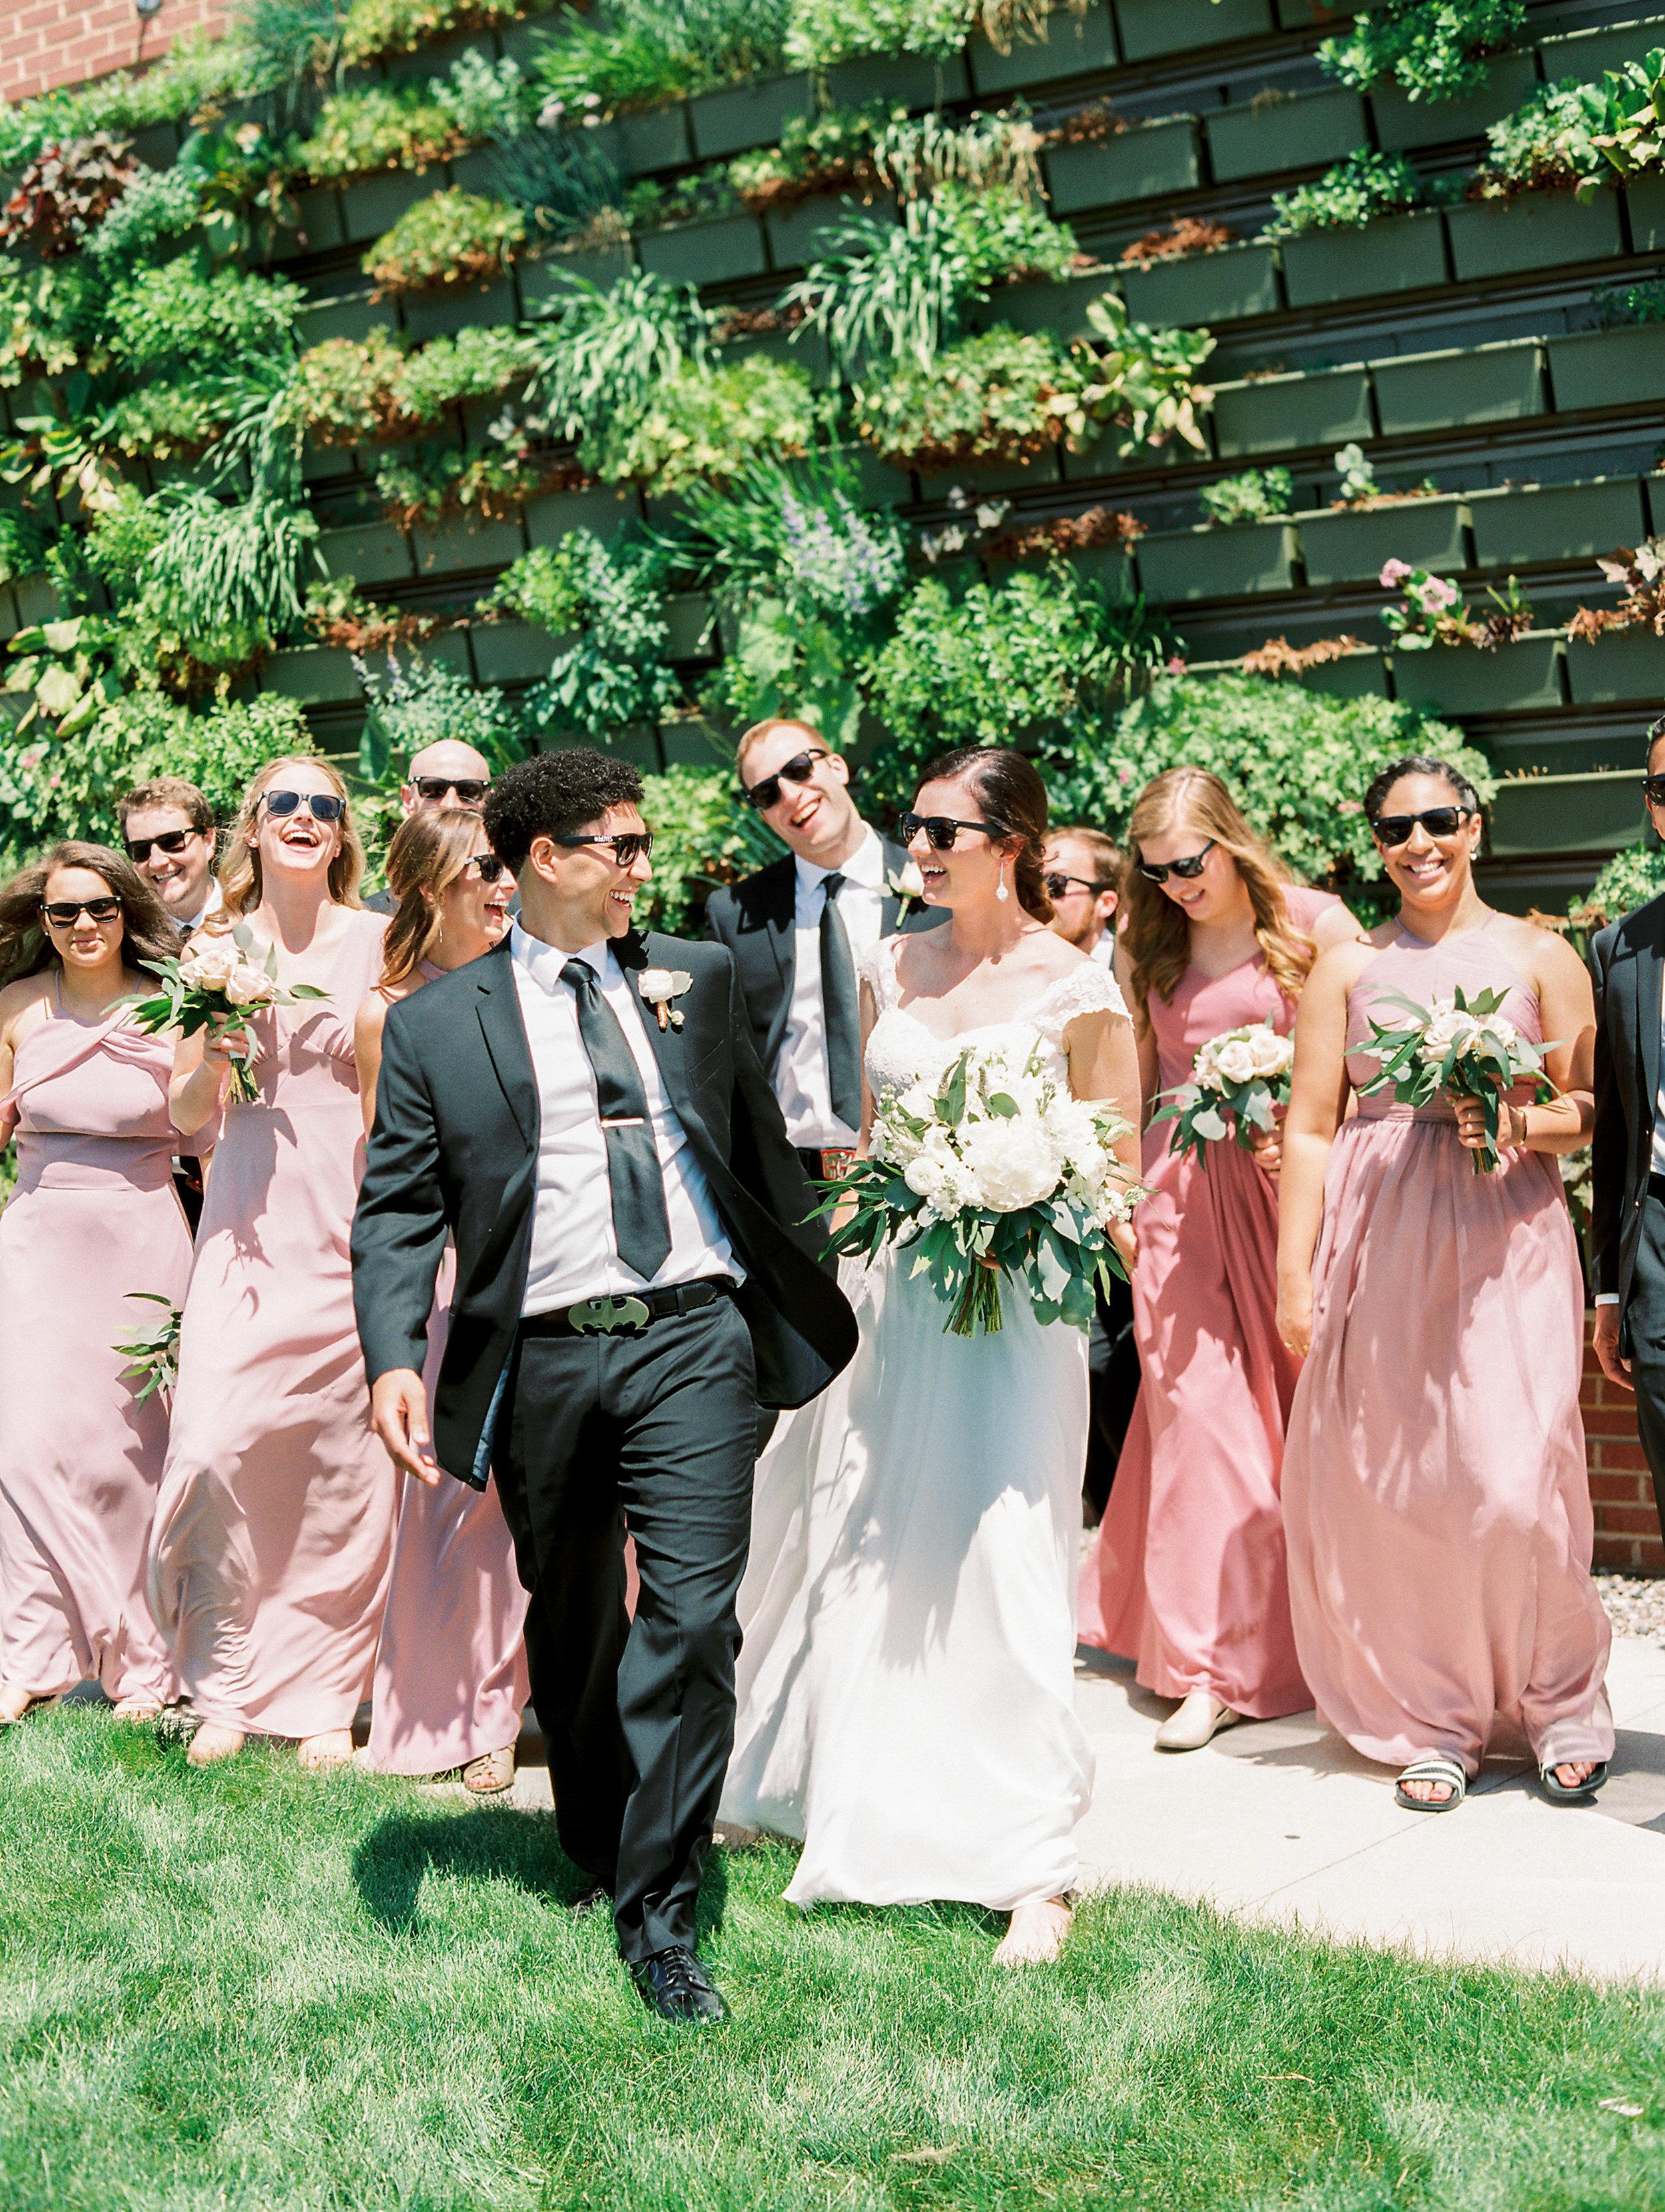 Julius+Wedding+BridalPartyf-45.jpg